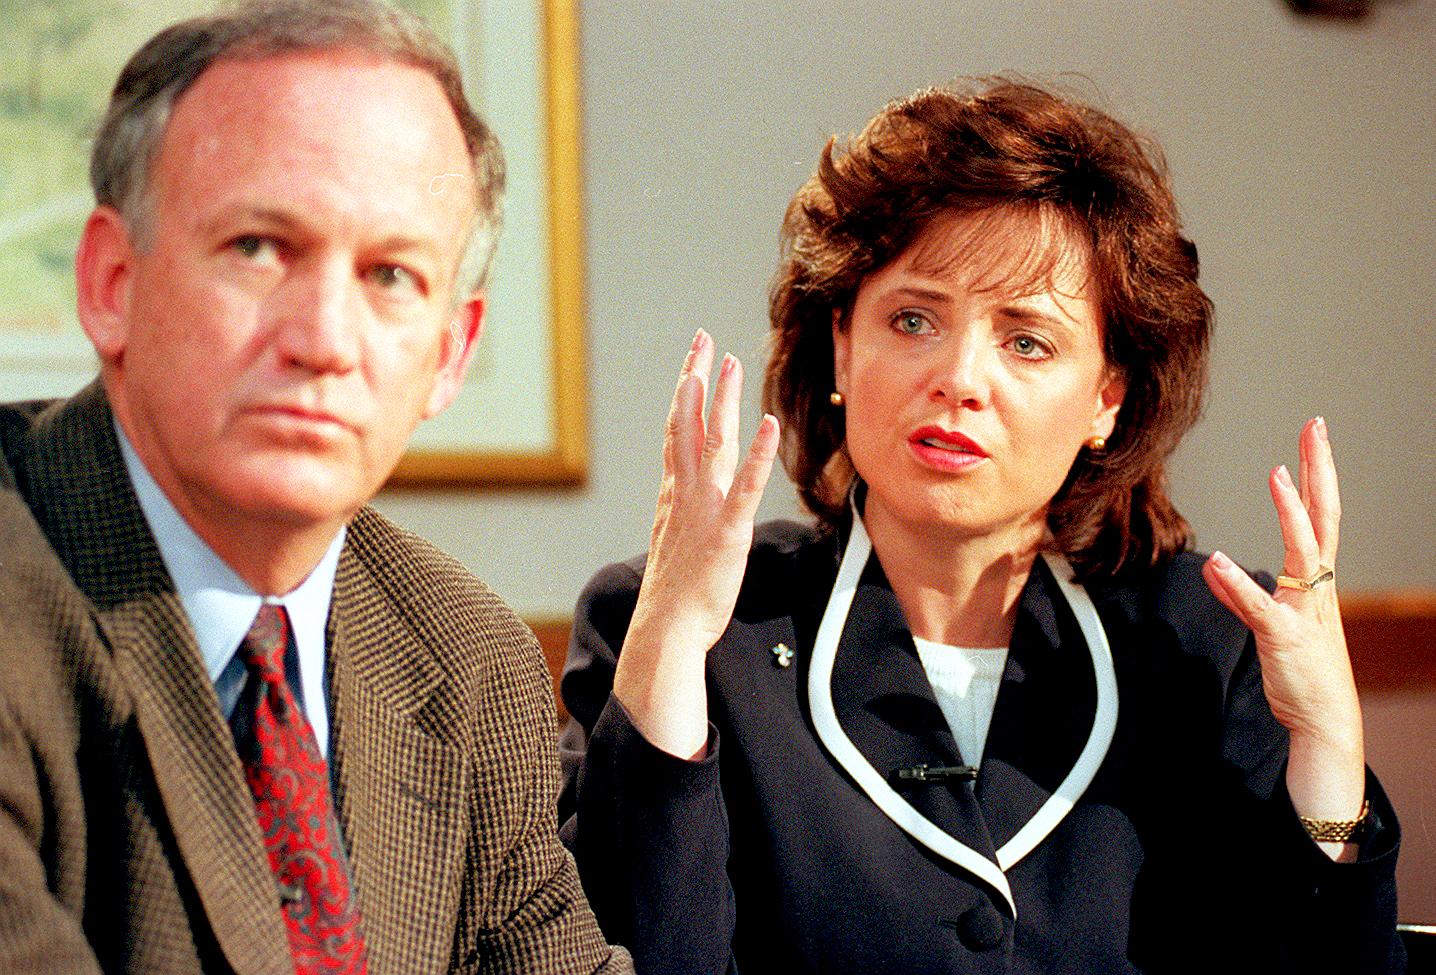 John Ramsey and Patsy Ramsey